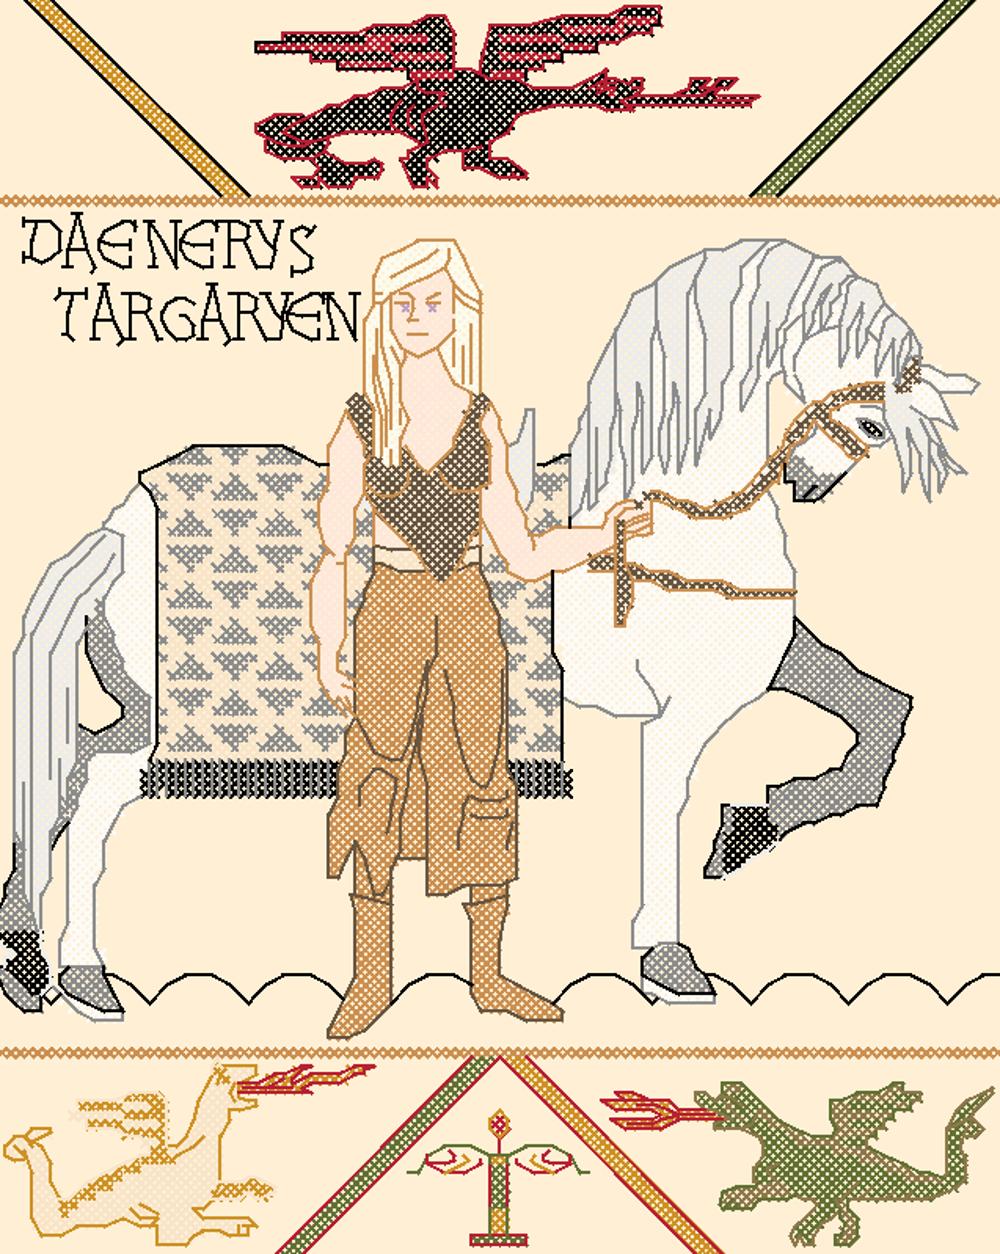 Daenerys Targareyn/Bayeux tapestry Cross Stitch by rhaben